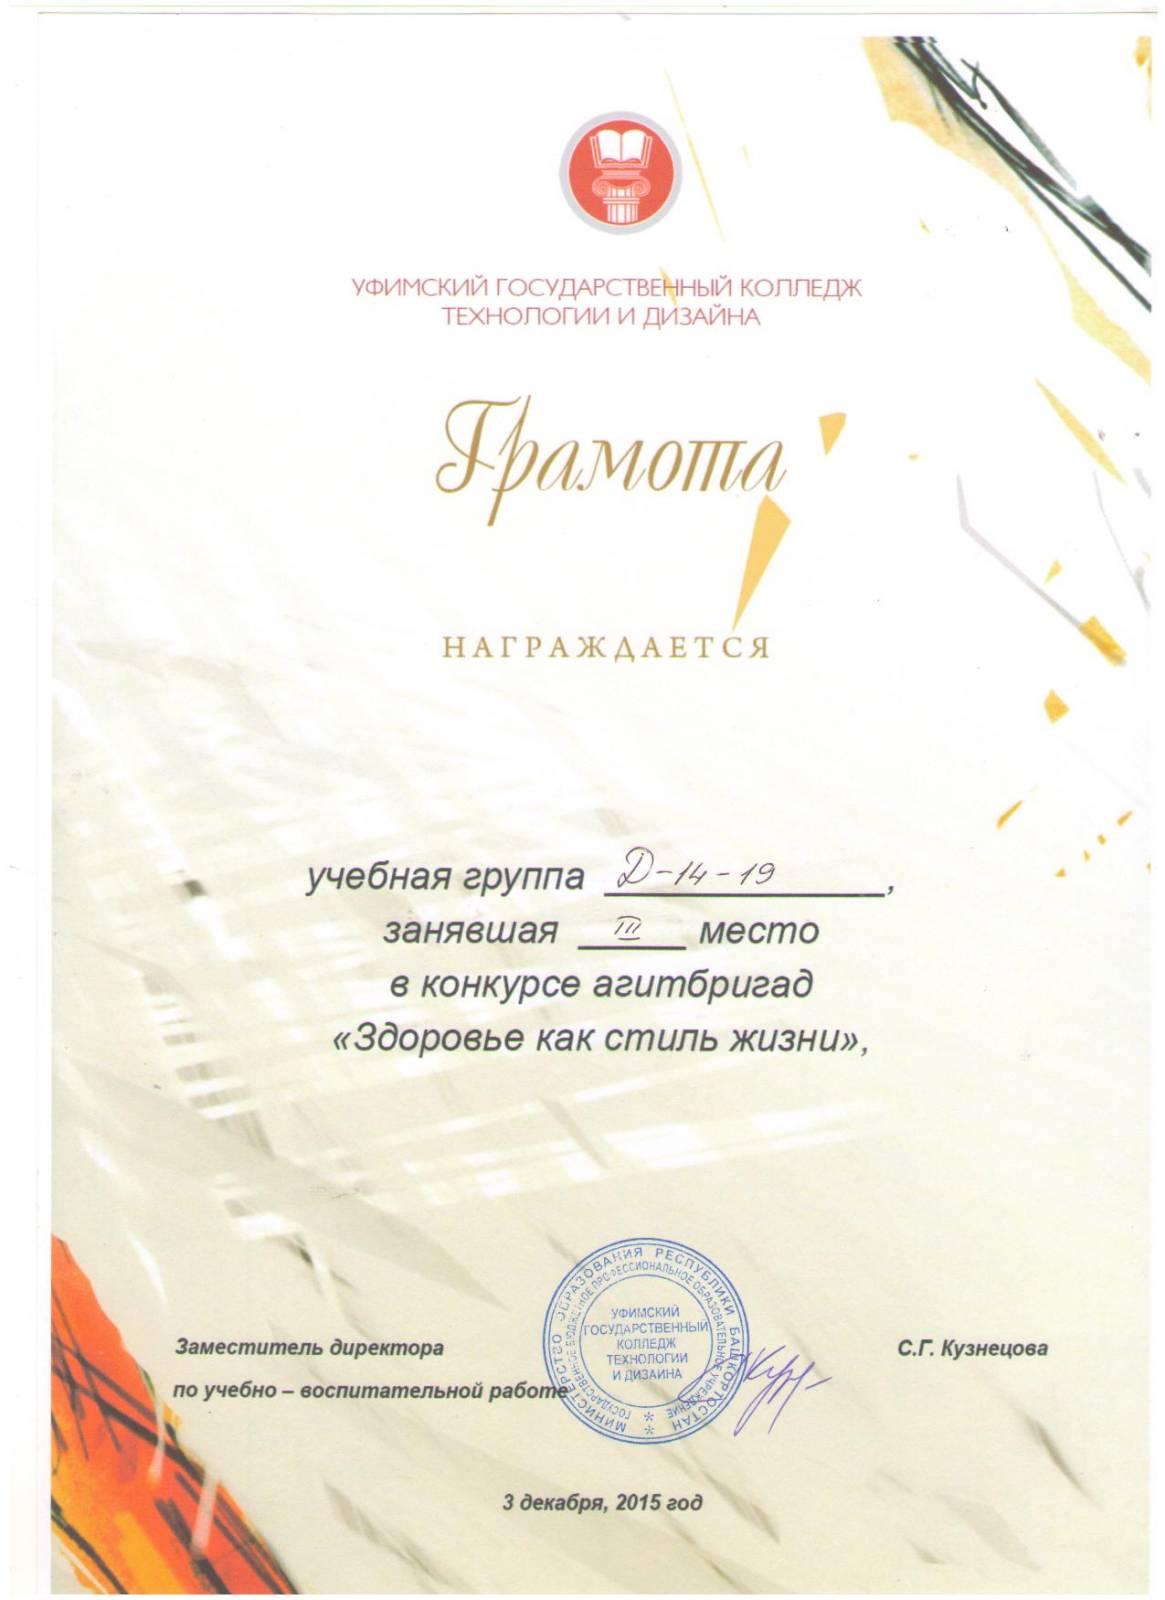 Уфимский государственный колледж технологии и дизайна директор